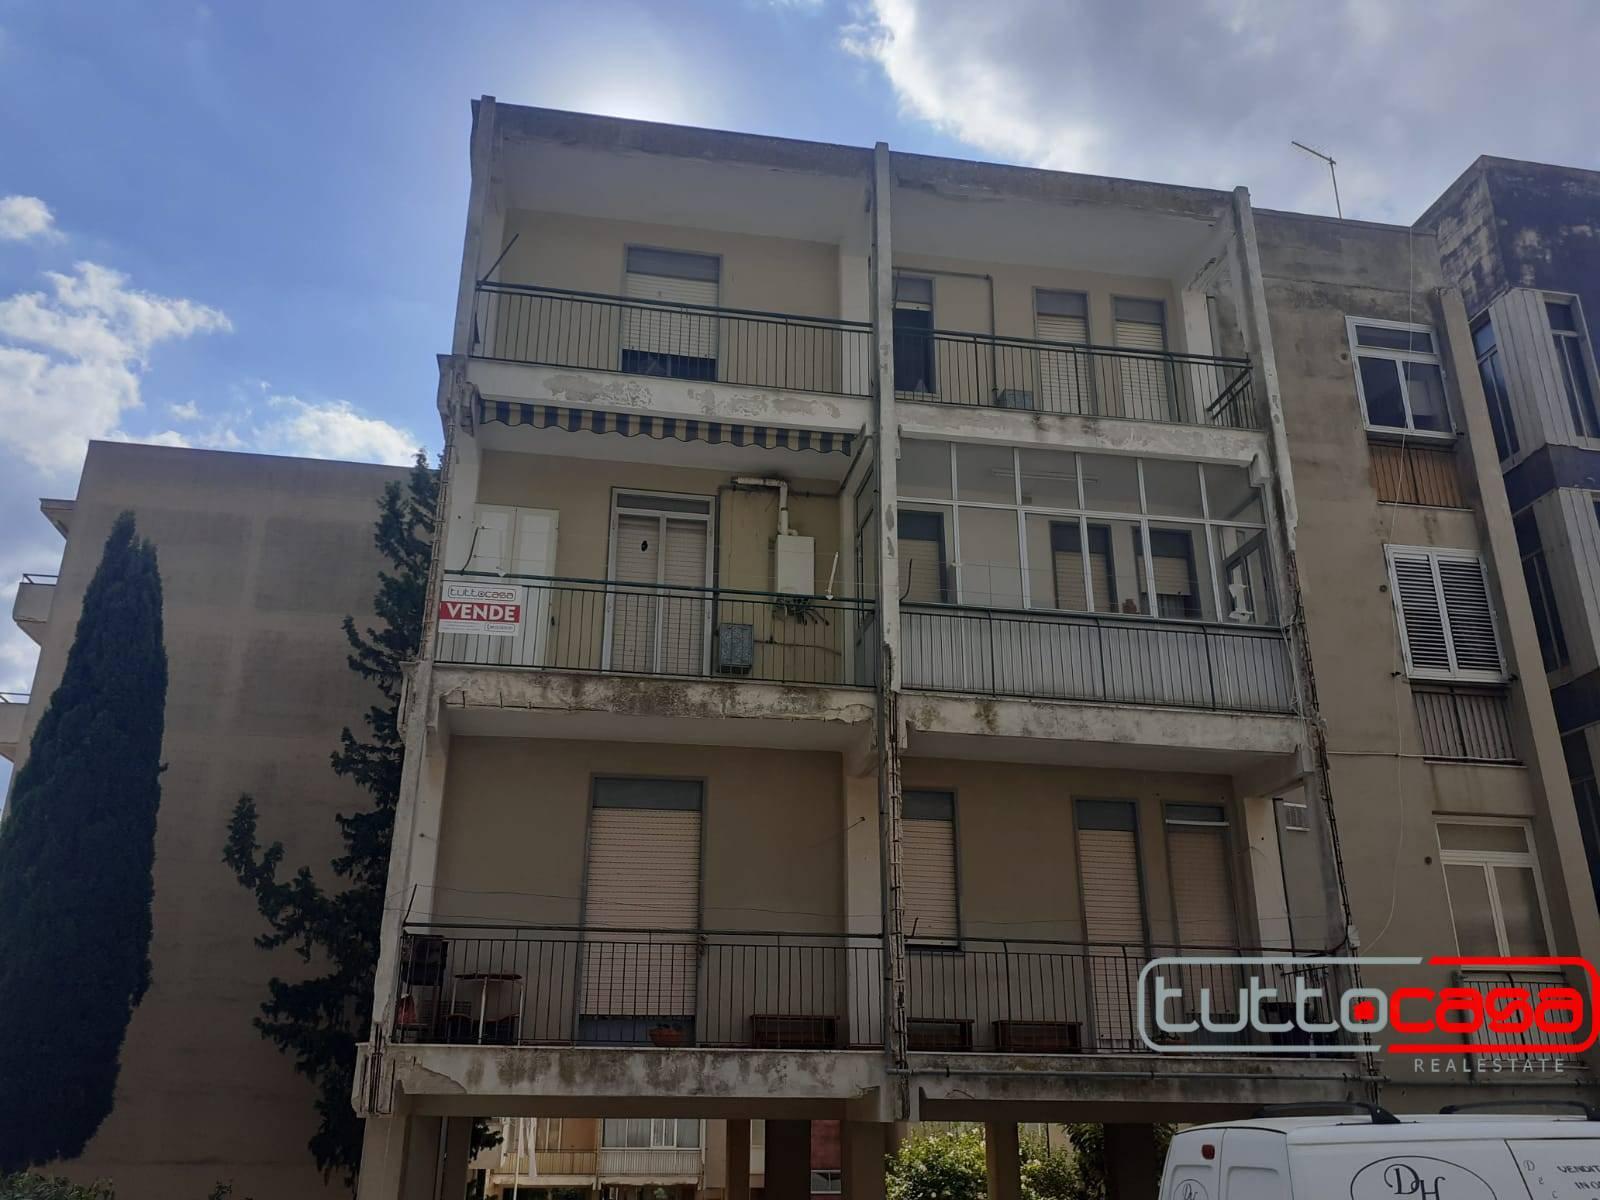 Appartamento in vendita a Scicli, 5 locali, prezzo € 85.000 | PortaleAgenzieImmobiliari.it